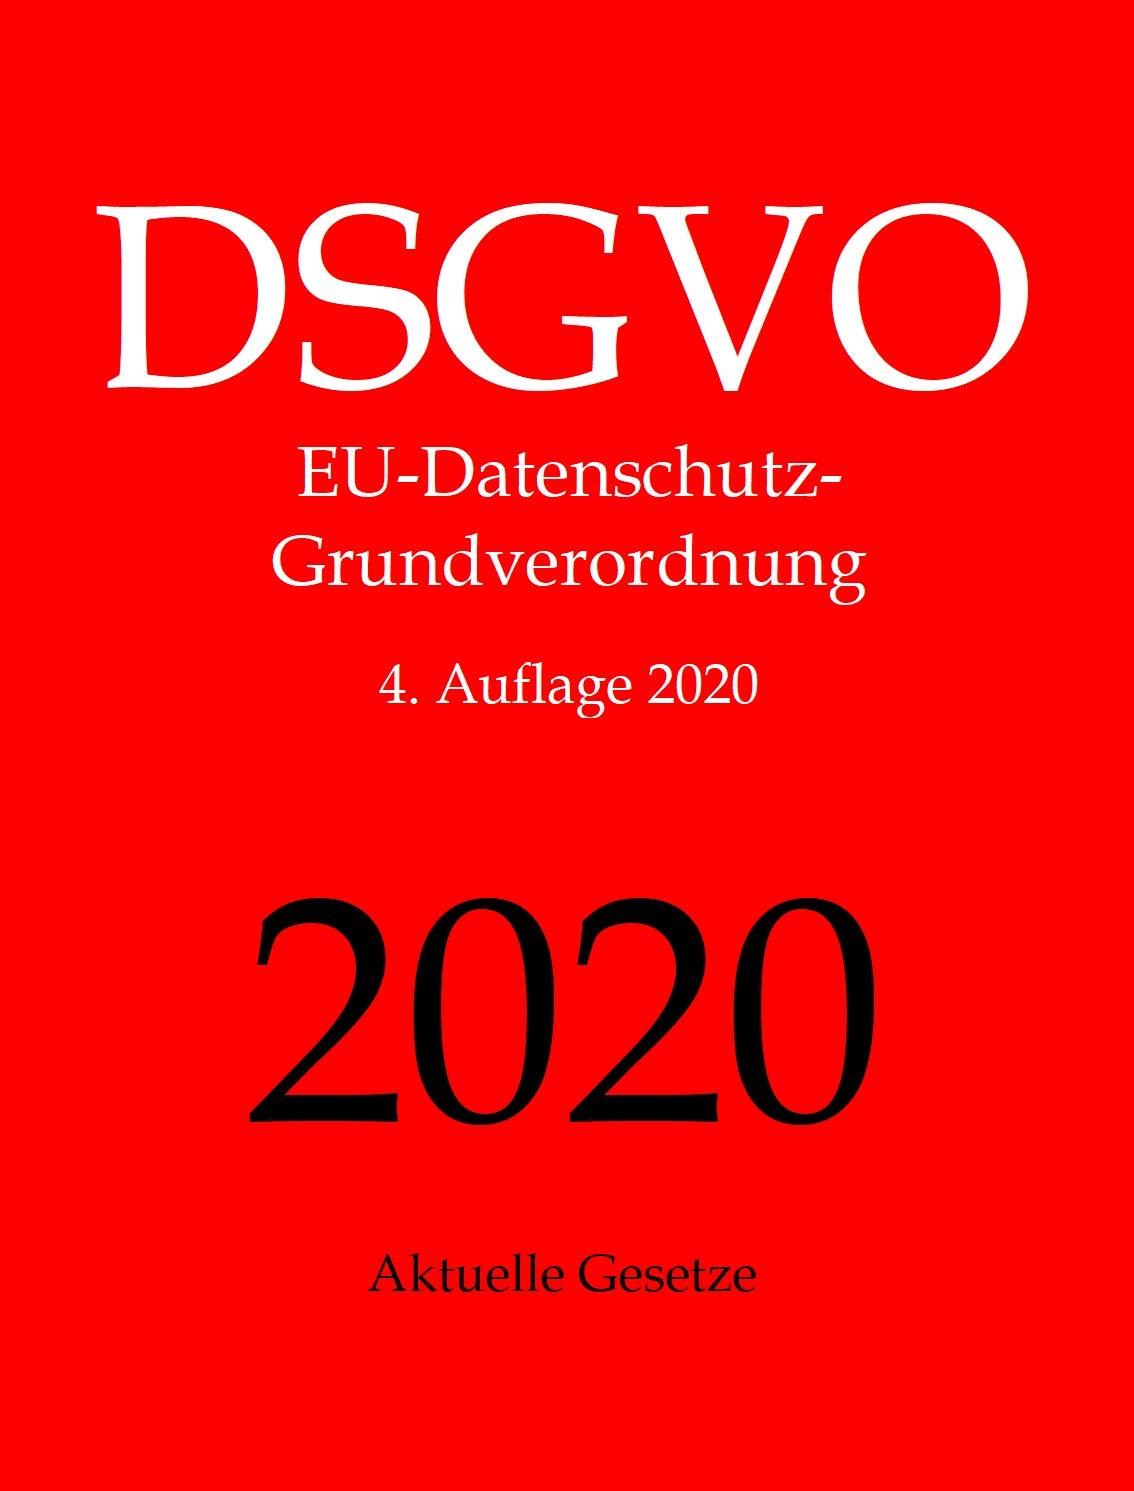 DSGVO EU Datenschutz Grundverordnung Datenschutzrecht Aktuelle Gesetze